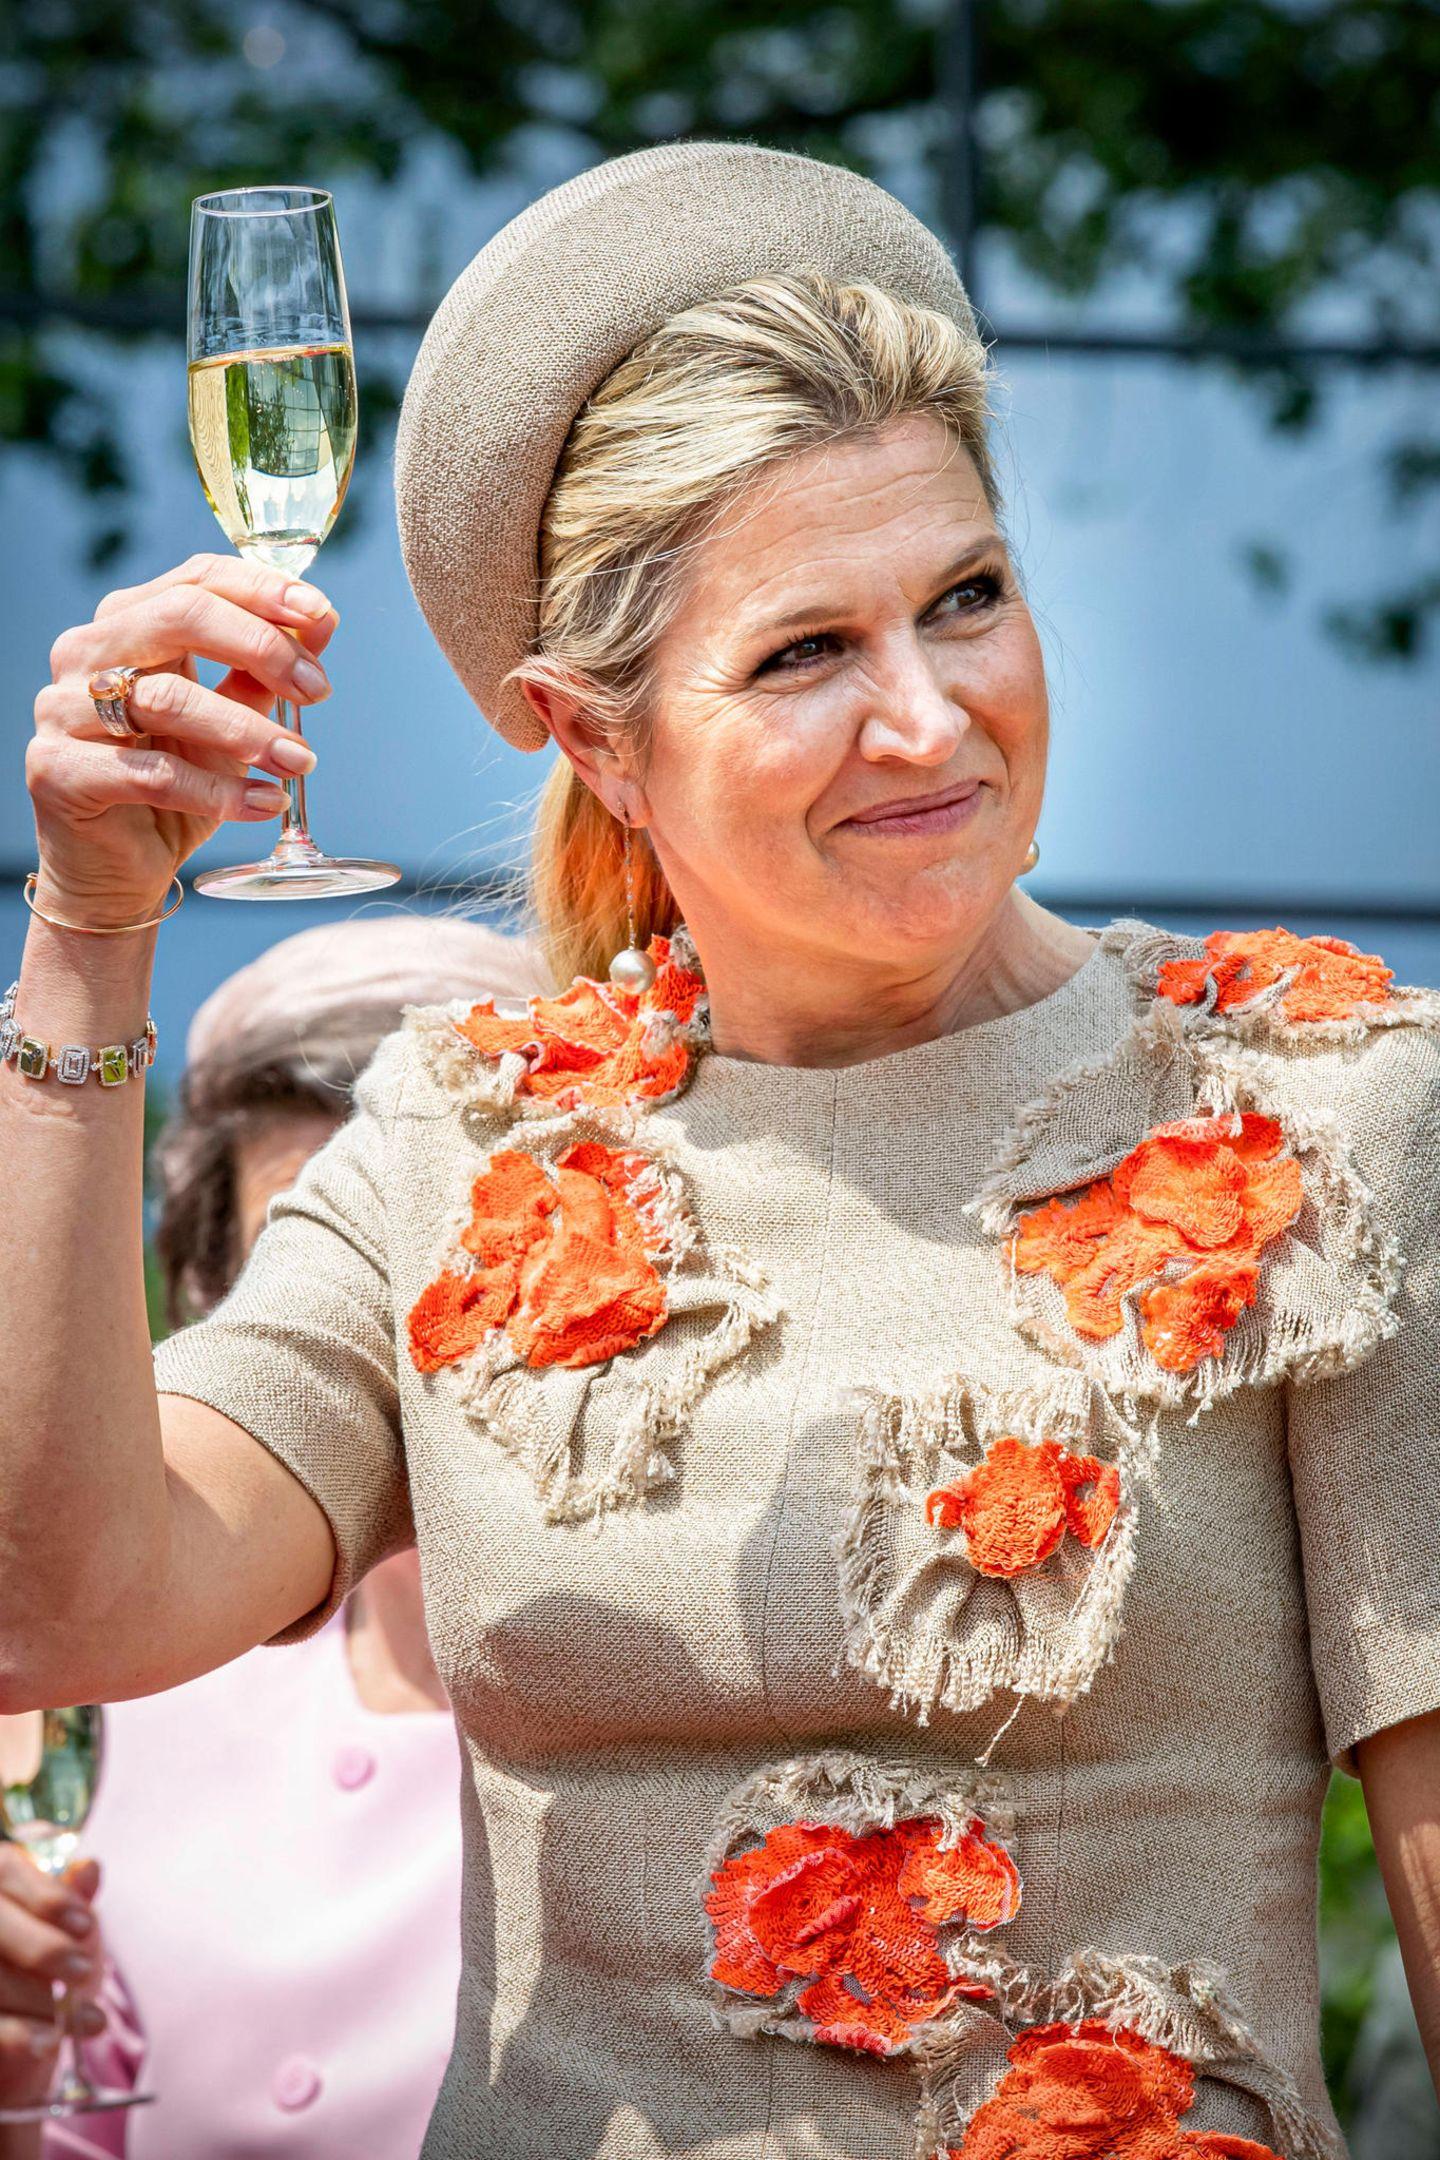 Der krönende Abschluss ihres Termins in einer Rösterei: Königin Máxima stößt mit einem Glas Prosecco an und lässt den Abend entspannt ausklingen.